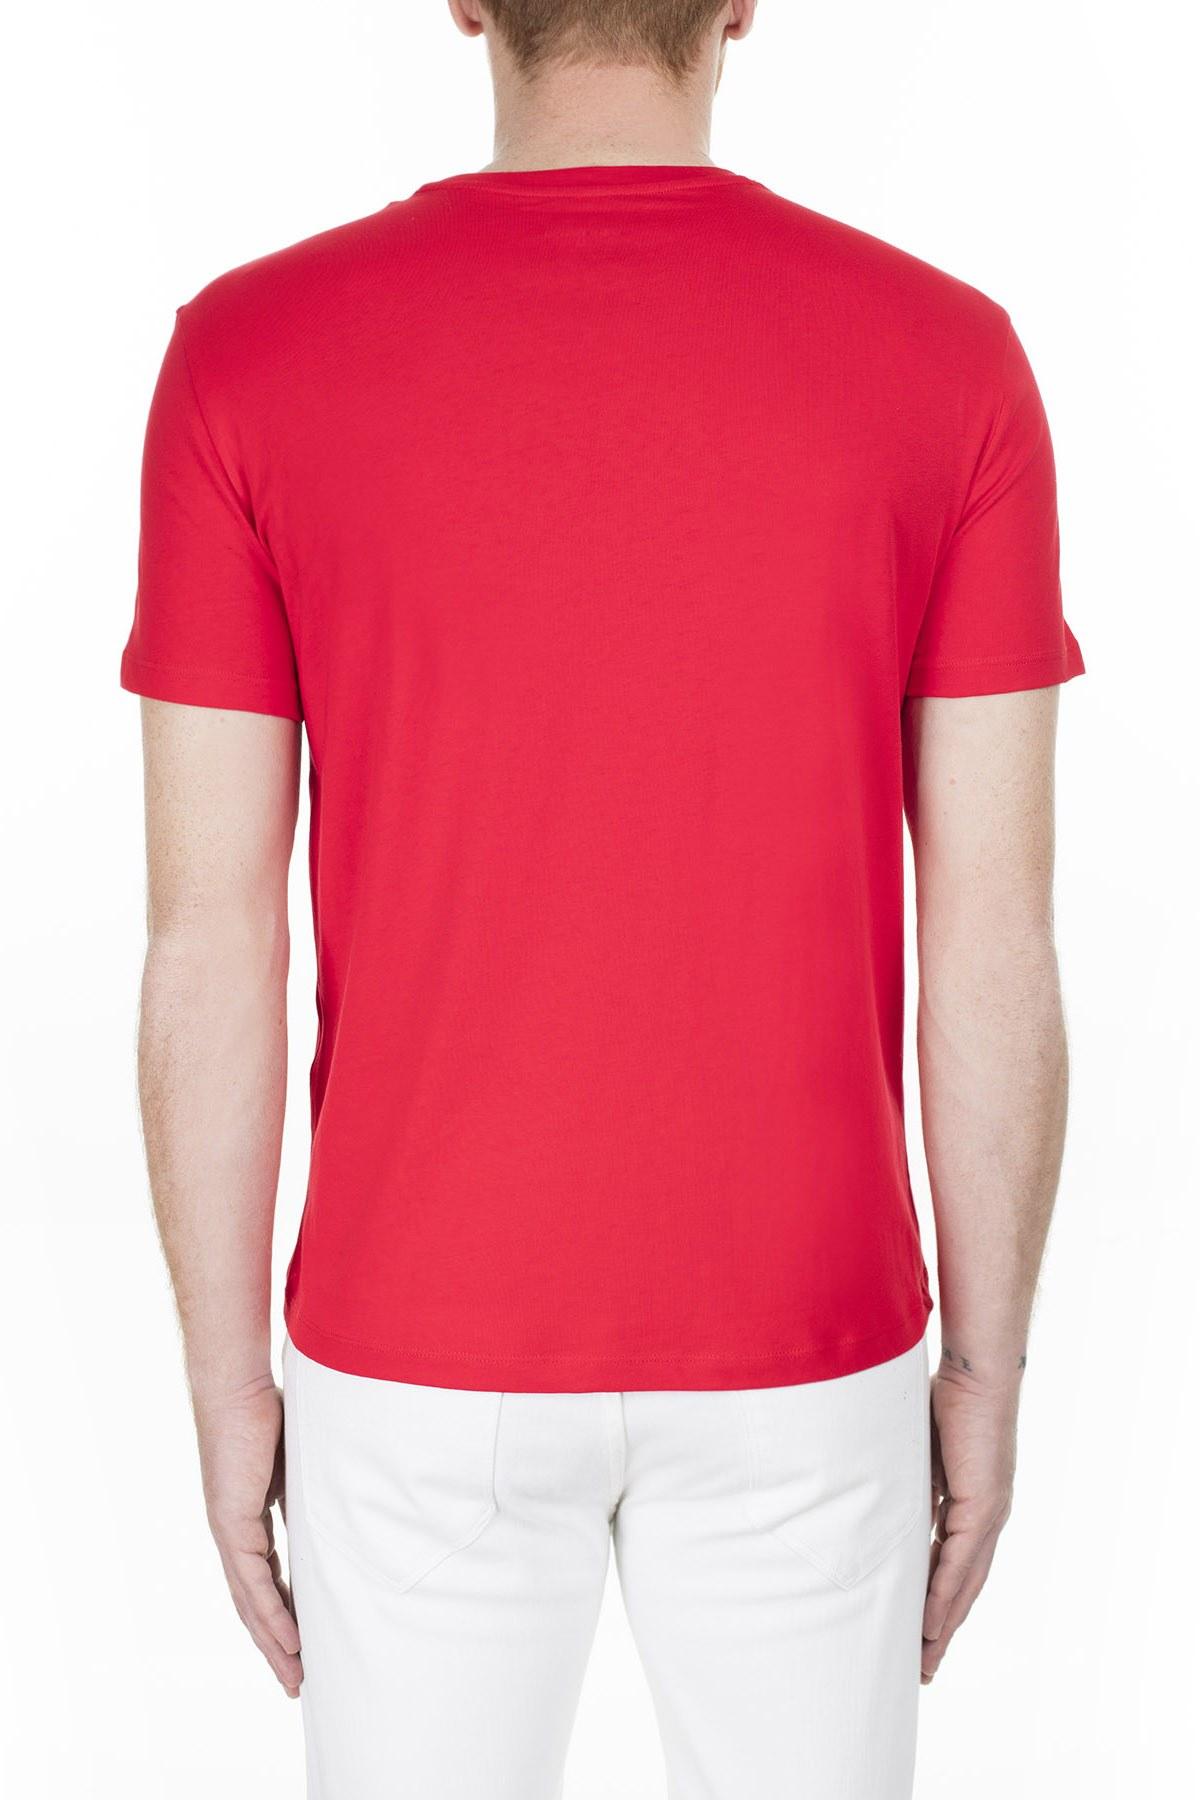 Armani Exchange Erkek T Shirt 3HZTFF ZJH4Z 1401 KIRMIZI